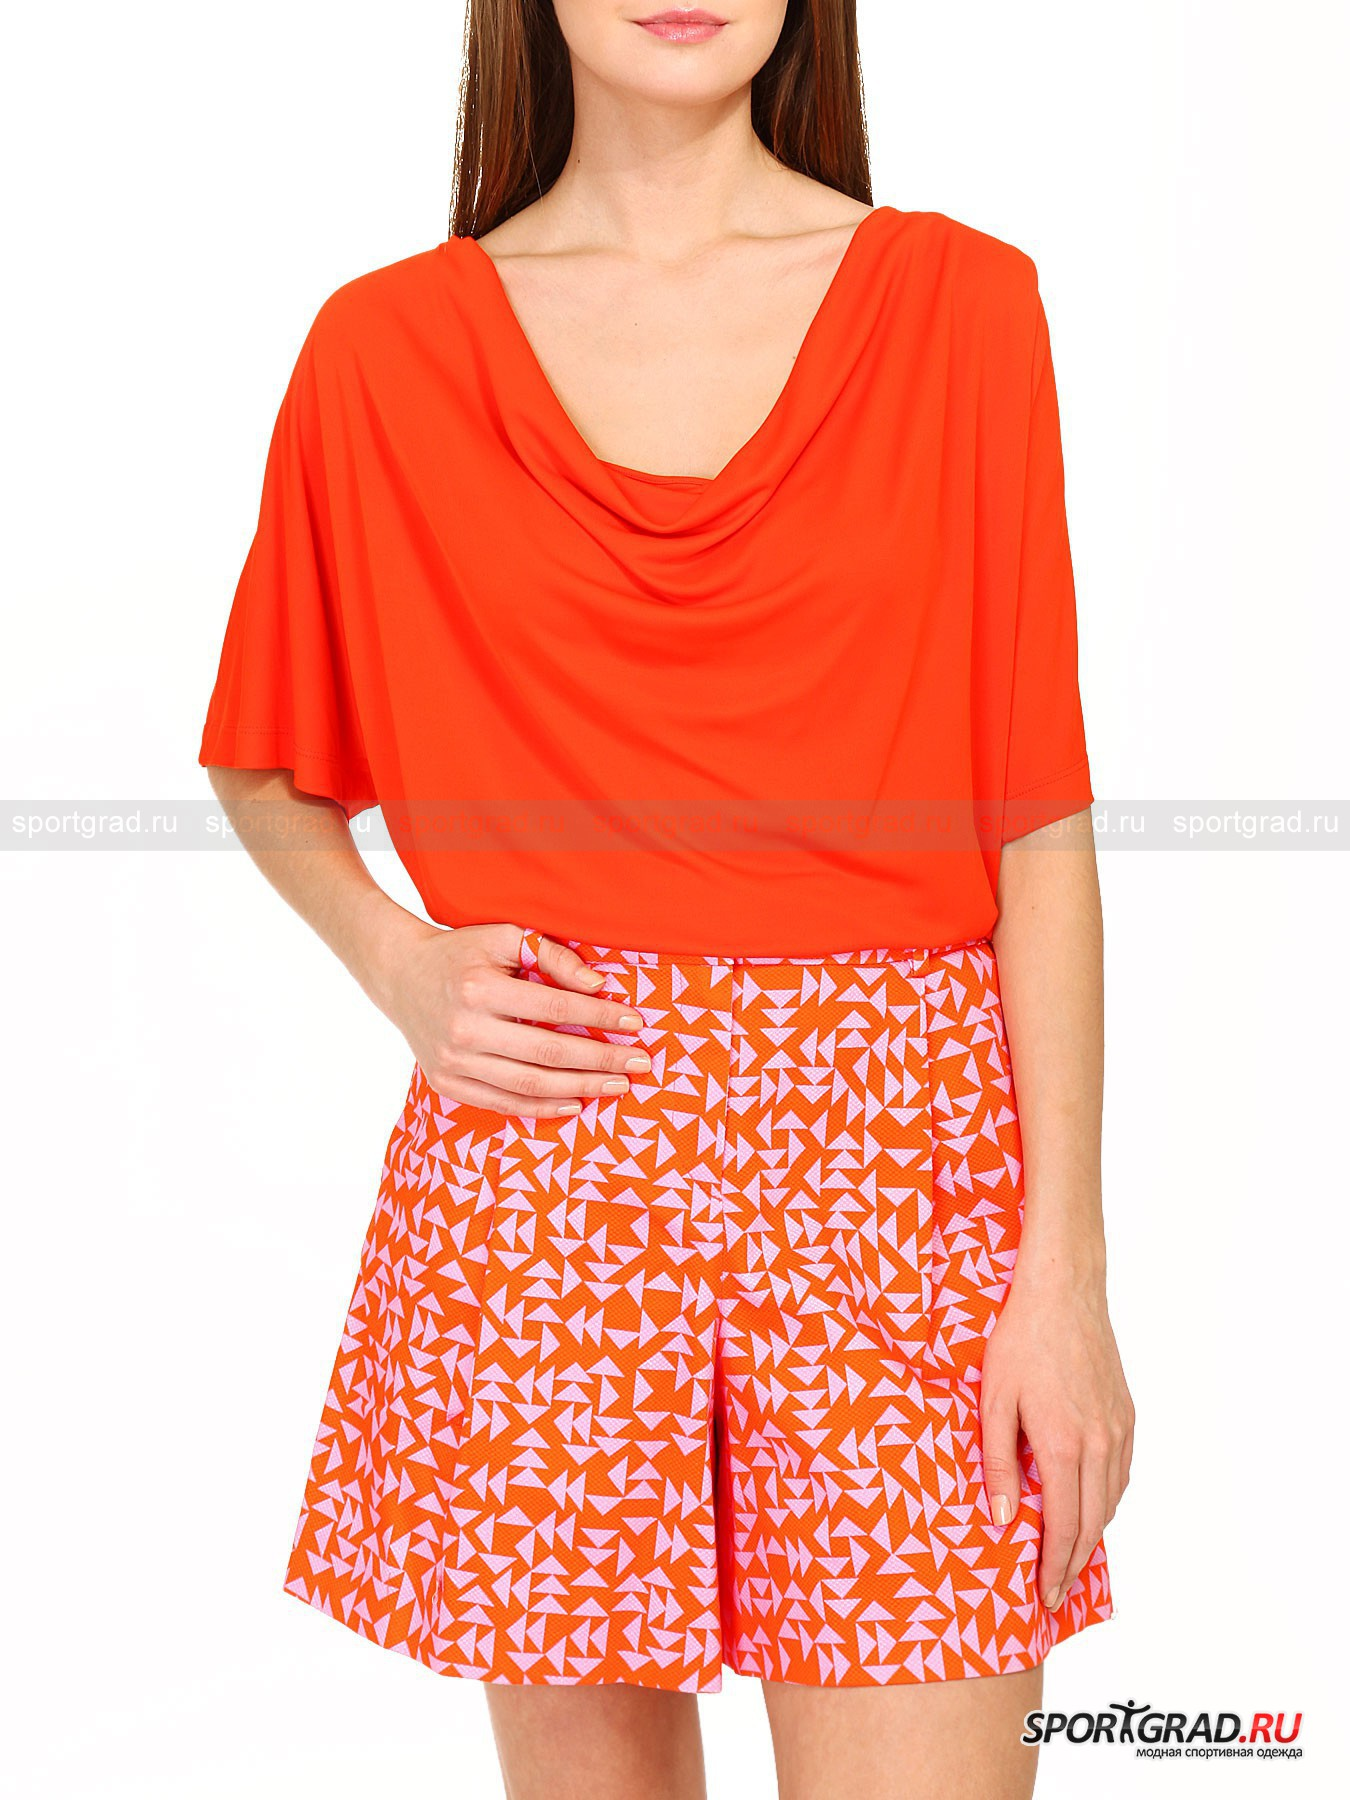 Блуза женская ICEBERGФутболки<br>Эта сшитая из 100% вискозы лёгкая летняя блуза ICEBERG выполнена в стиле винтаж и станет весьма оригинальным дополнением Вашего модного имиджа. Она имеет свободный крой, широкие рукава и горловину и будет отлично сочетаться с шортами, юбками и брюками. Прохлада вискозы непременно будет оценена Вами по достоинству, особенно в самую жаркую погоду.<br><br>Пол: Женский<br>Возраст: Взрослый<br>Тип: Футболки<br>Рекомендации по уходу: Деликатная химчистка<br>Состав: 100% вискоза